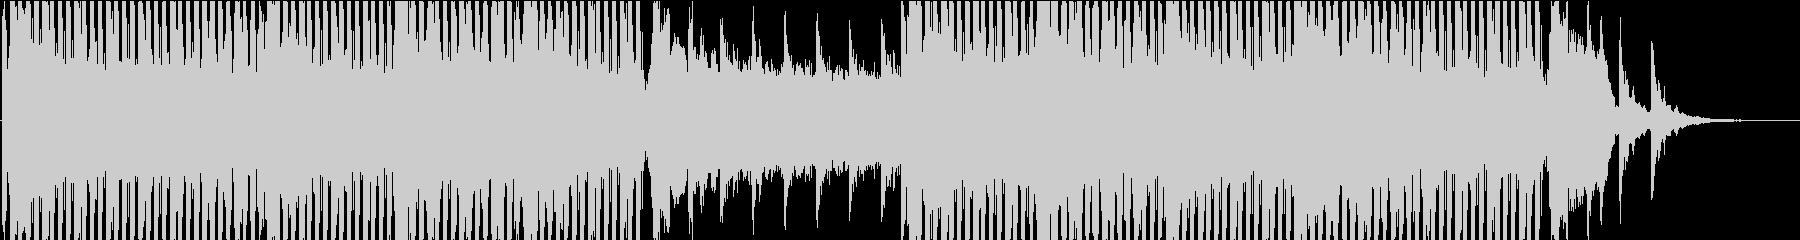 アンビエント系テクノ(WAV版)の未再生の波形